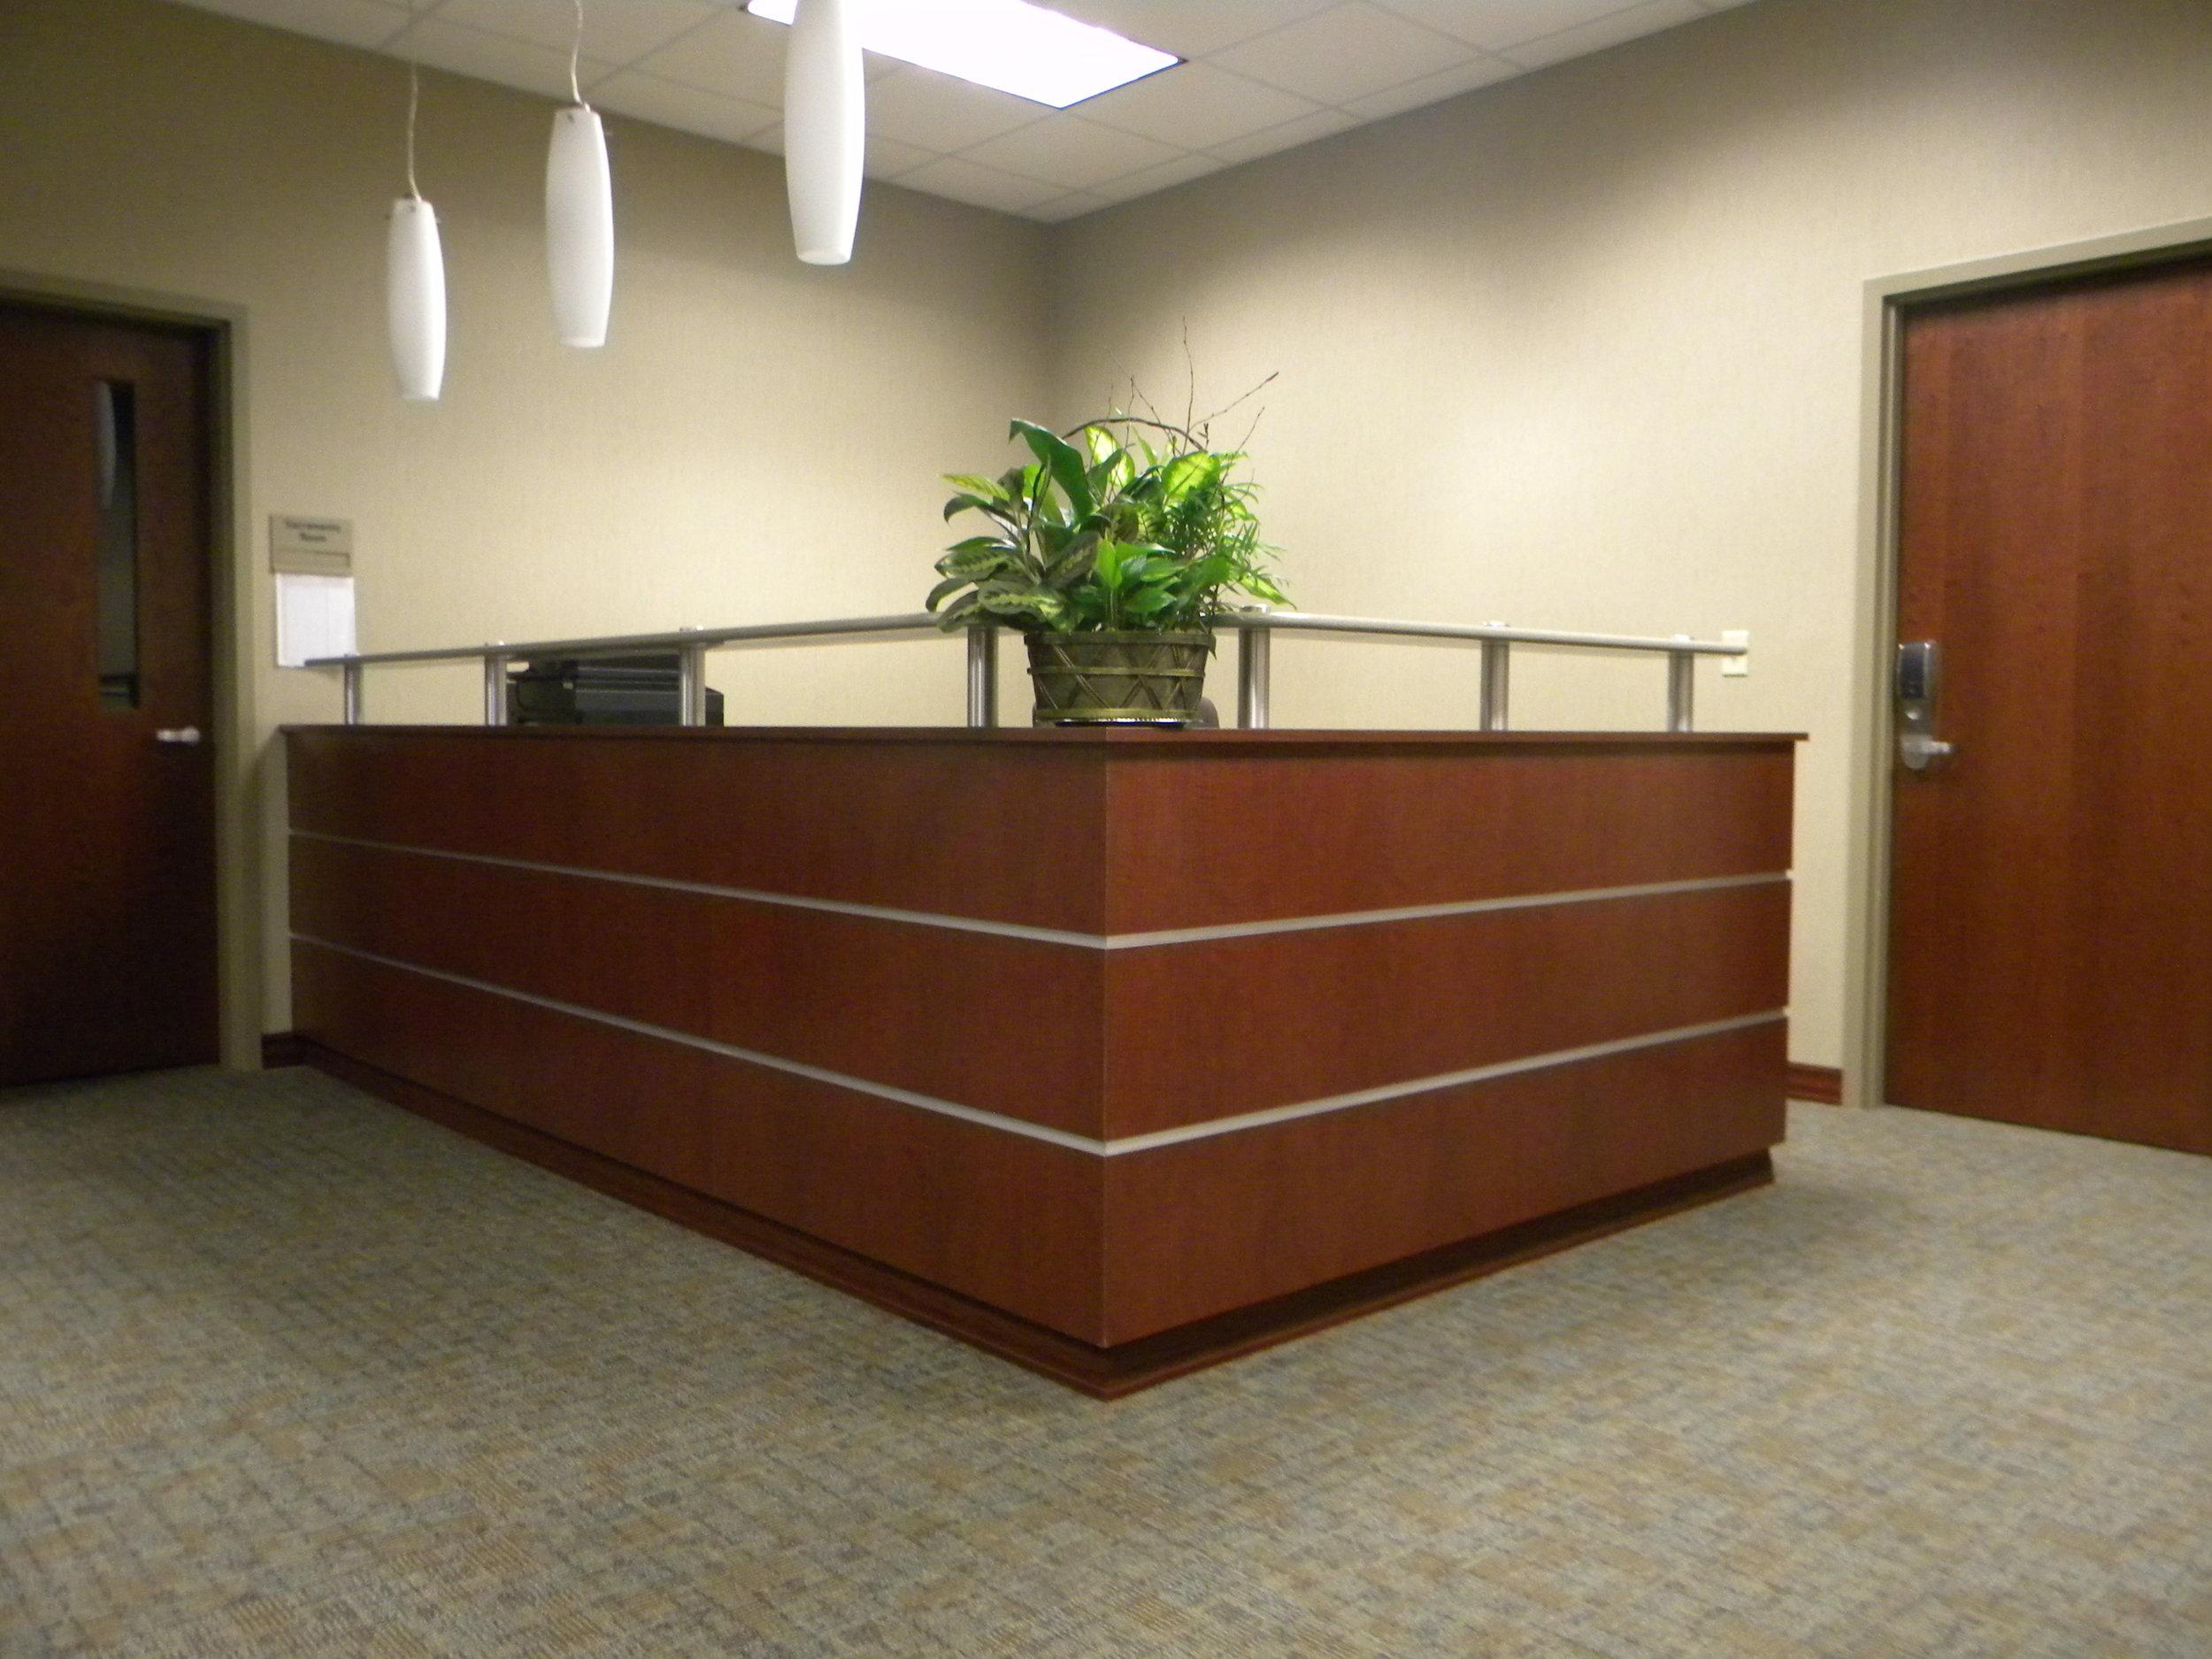 Office Cubicle 3.jpg